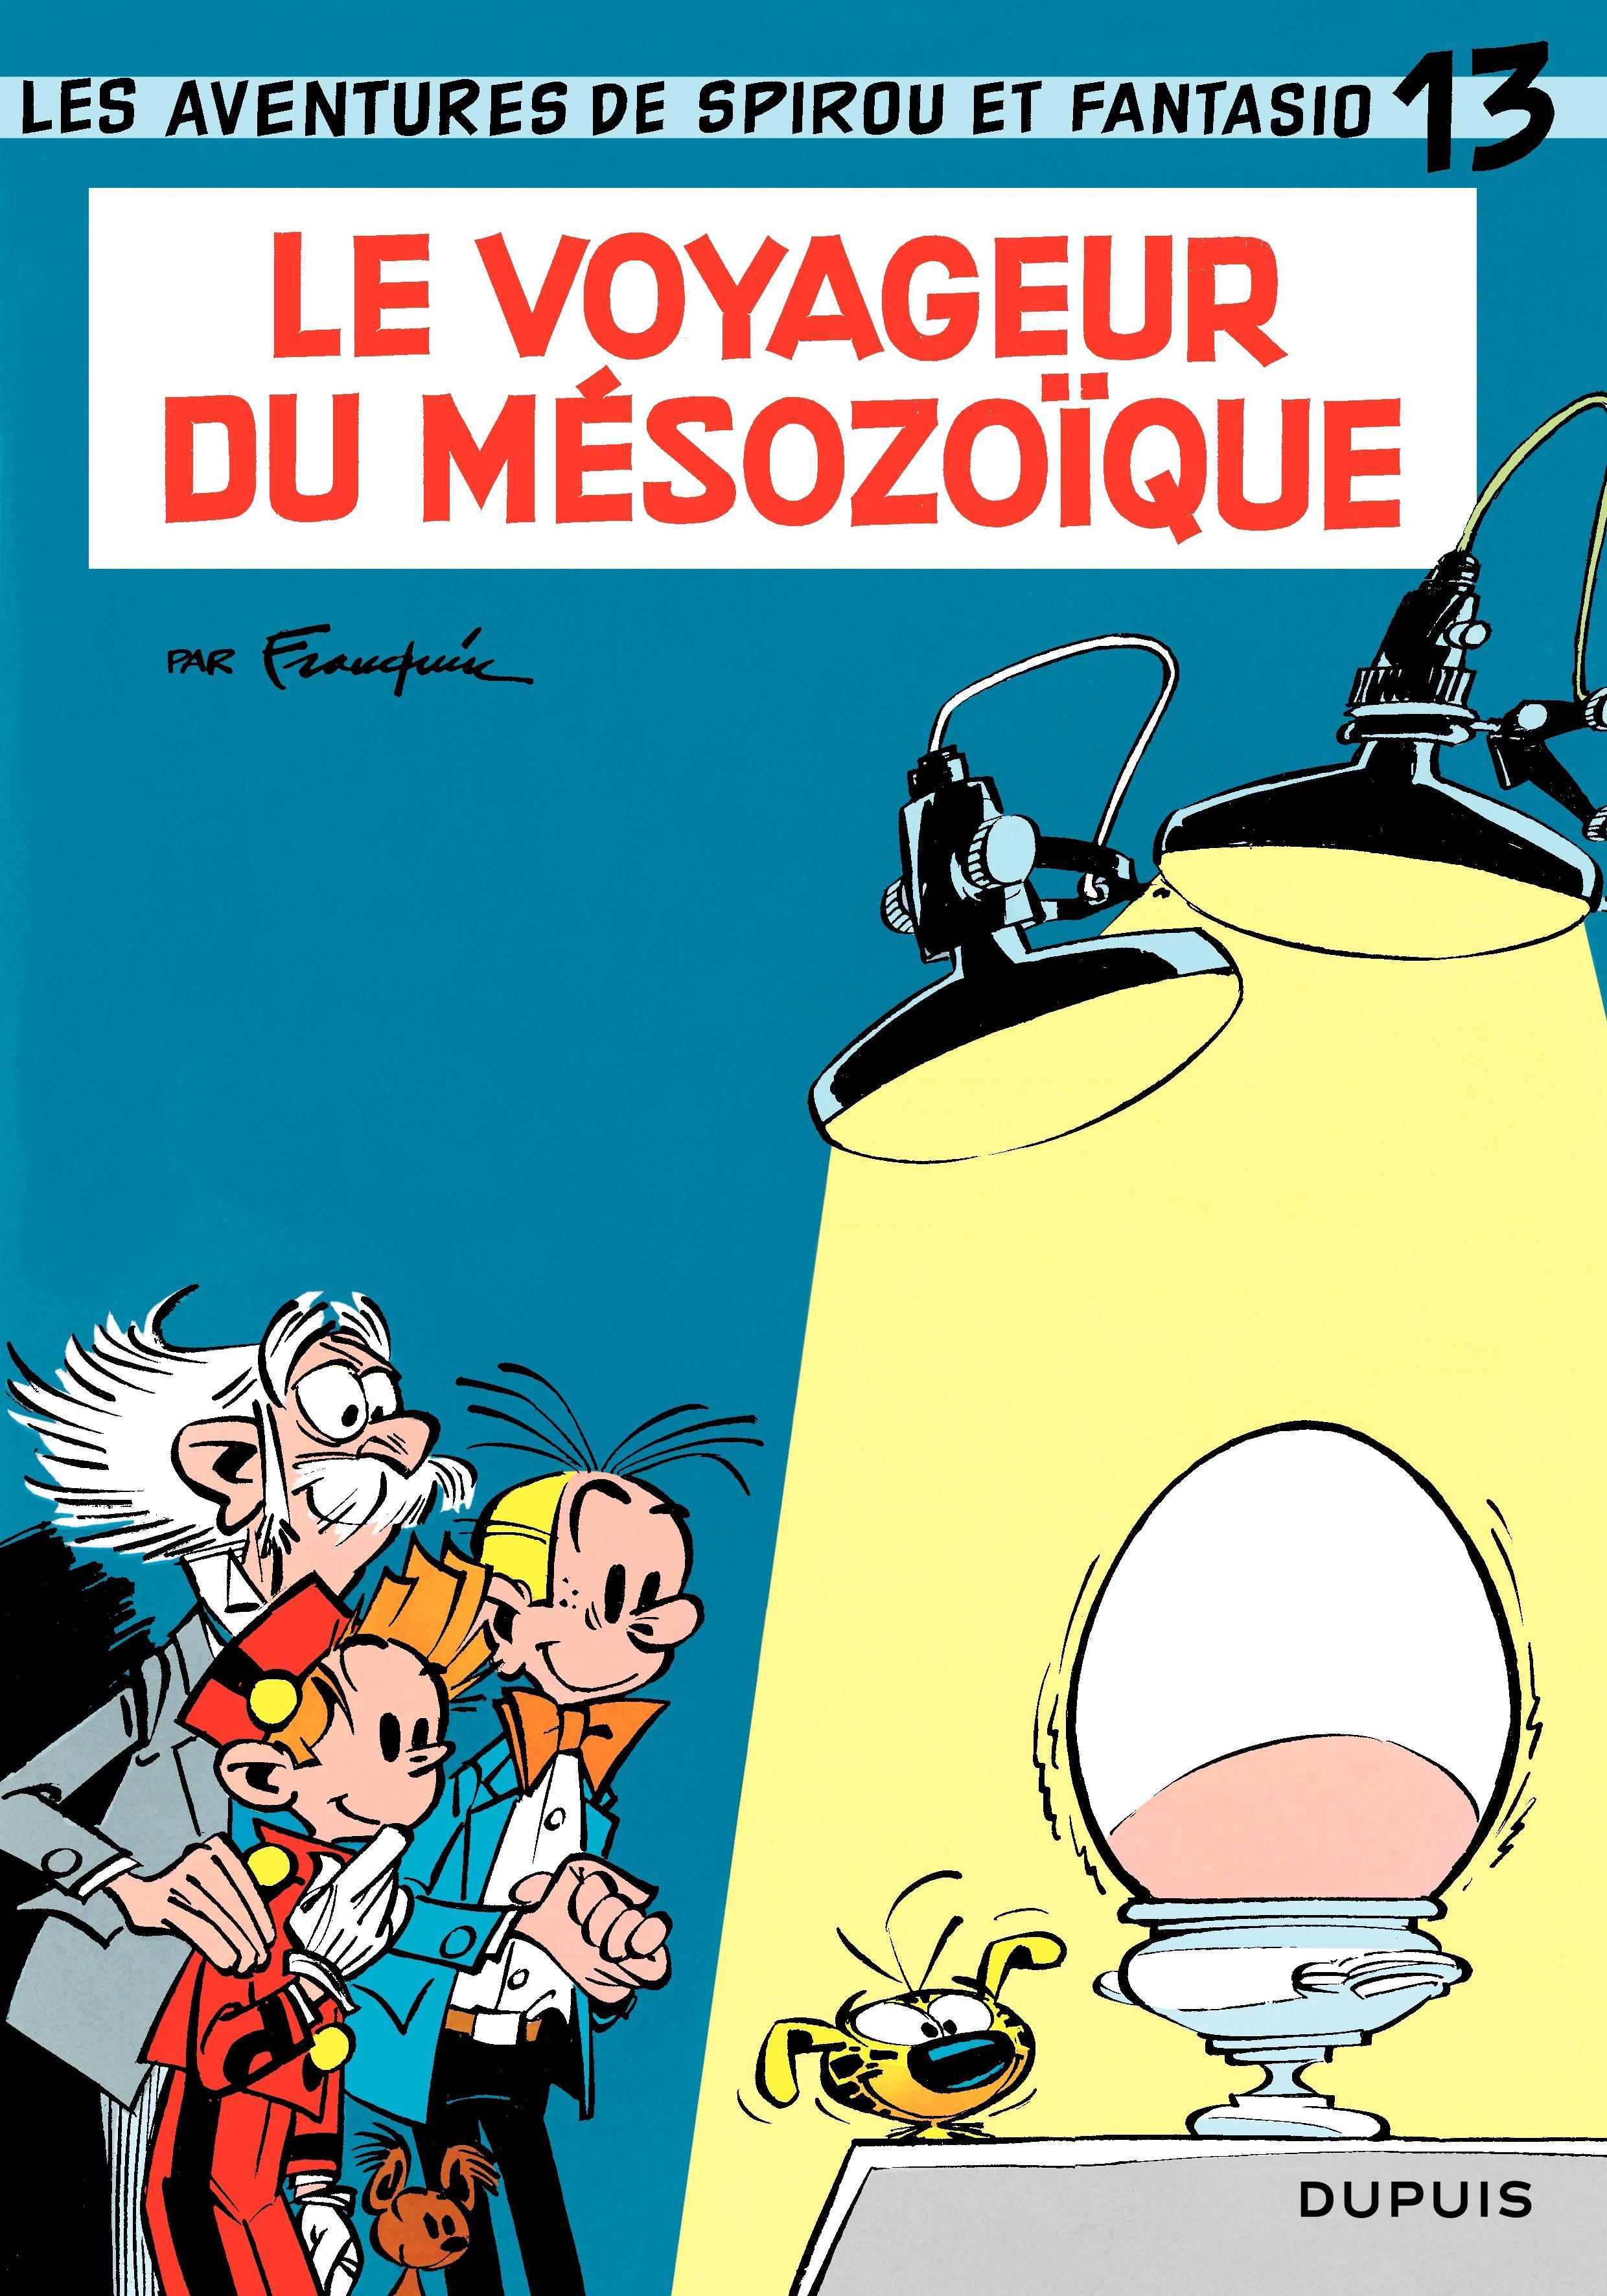 Spirou et Fantasio - Tome 13 - LE VOYAGEUR DU MESOZOIQUE